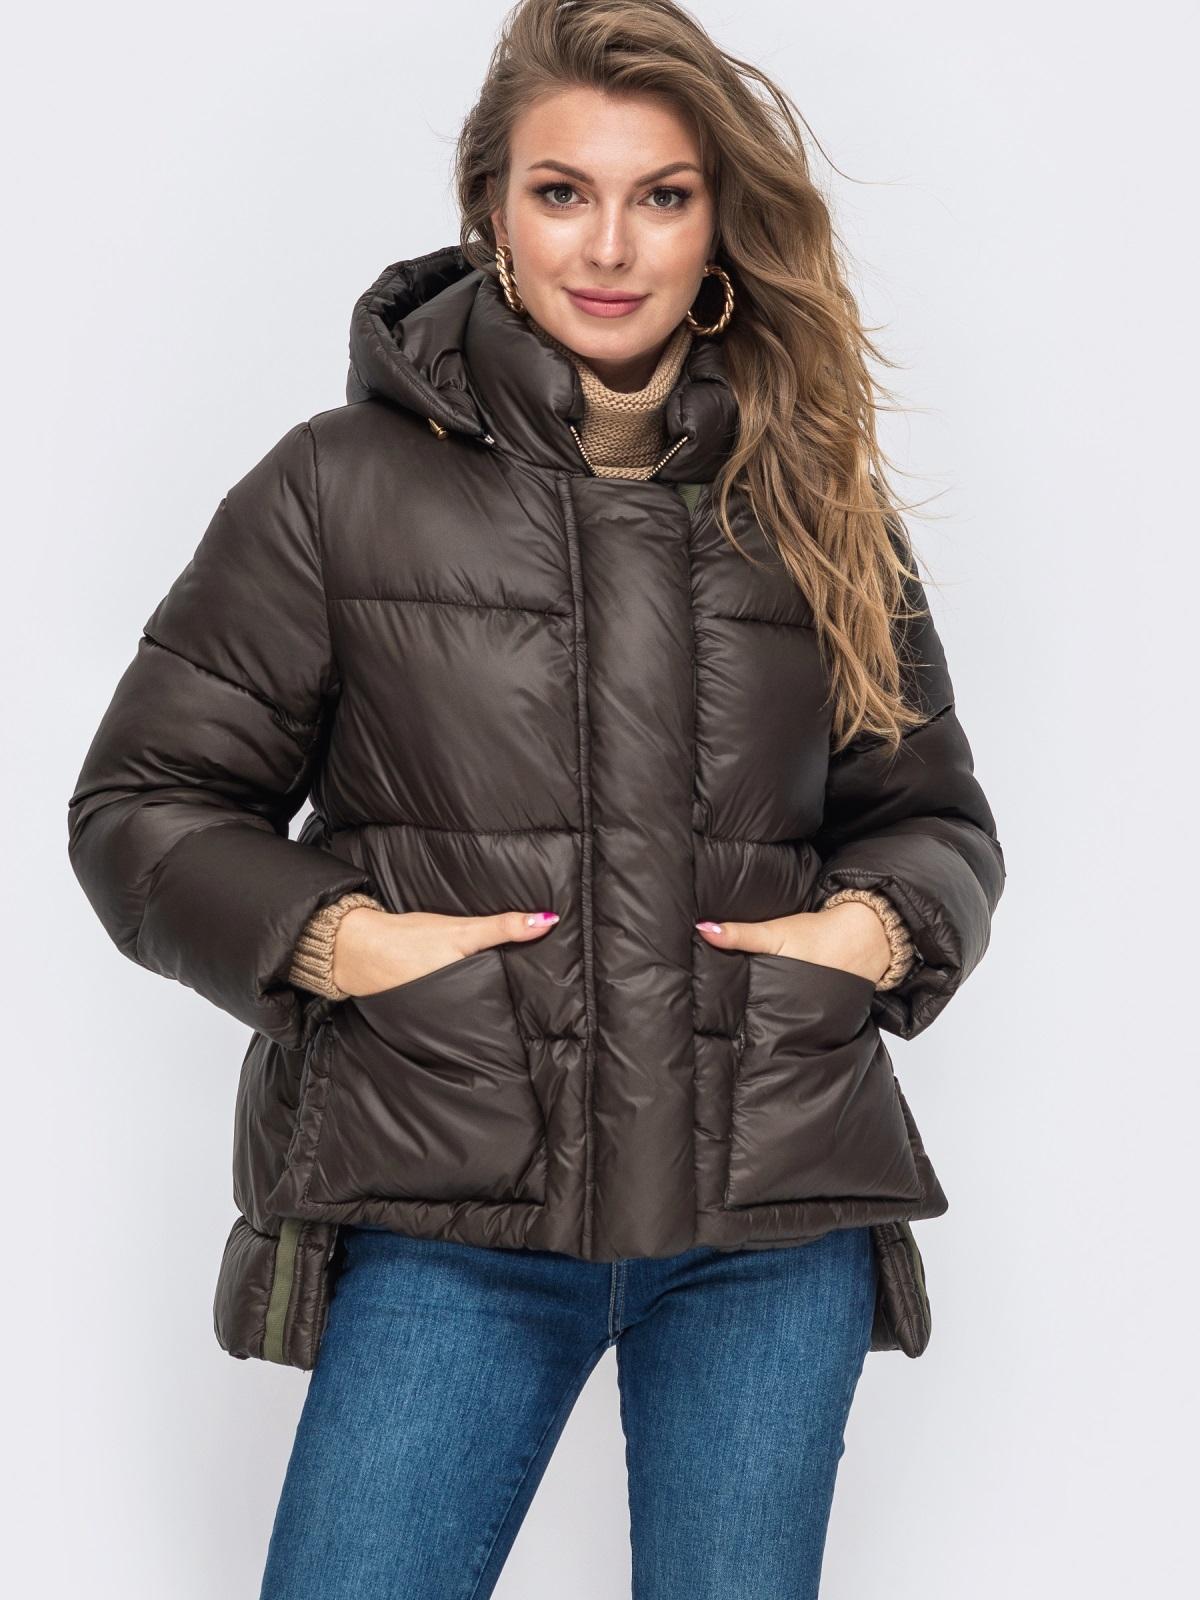 Зимняя куртка с воротником-стойкой и капюшоном коричневая 50221, фото 1